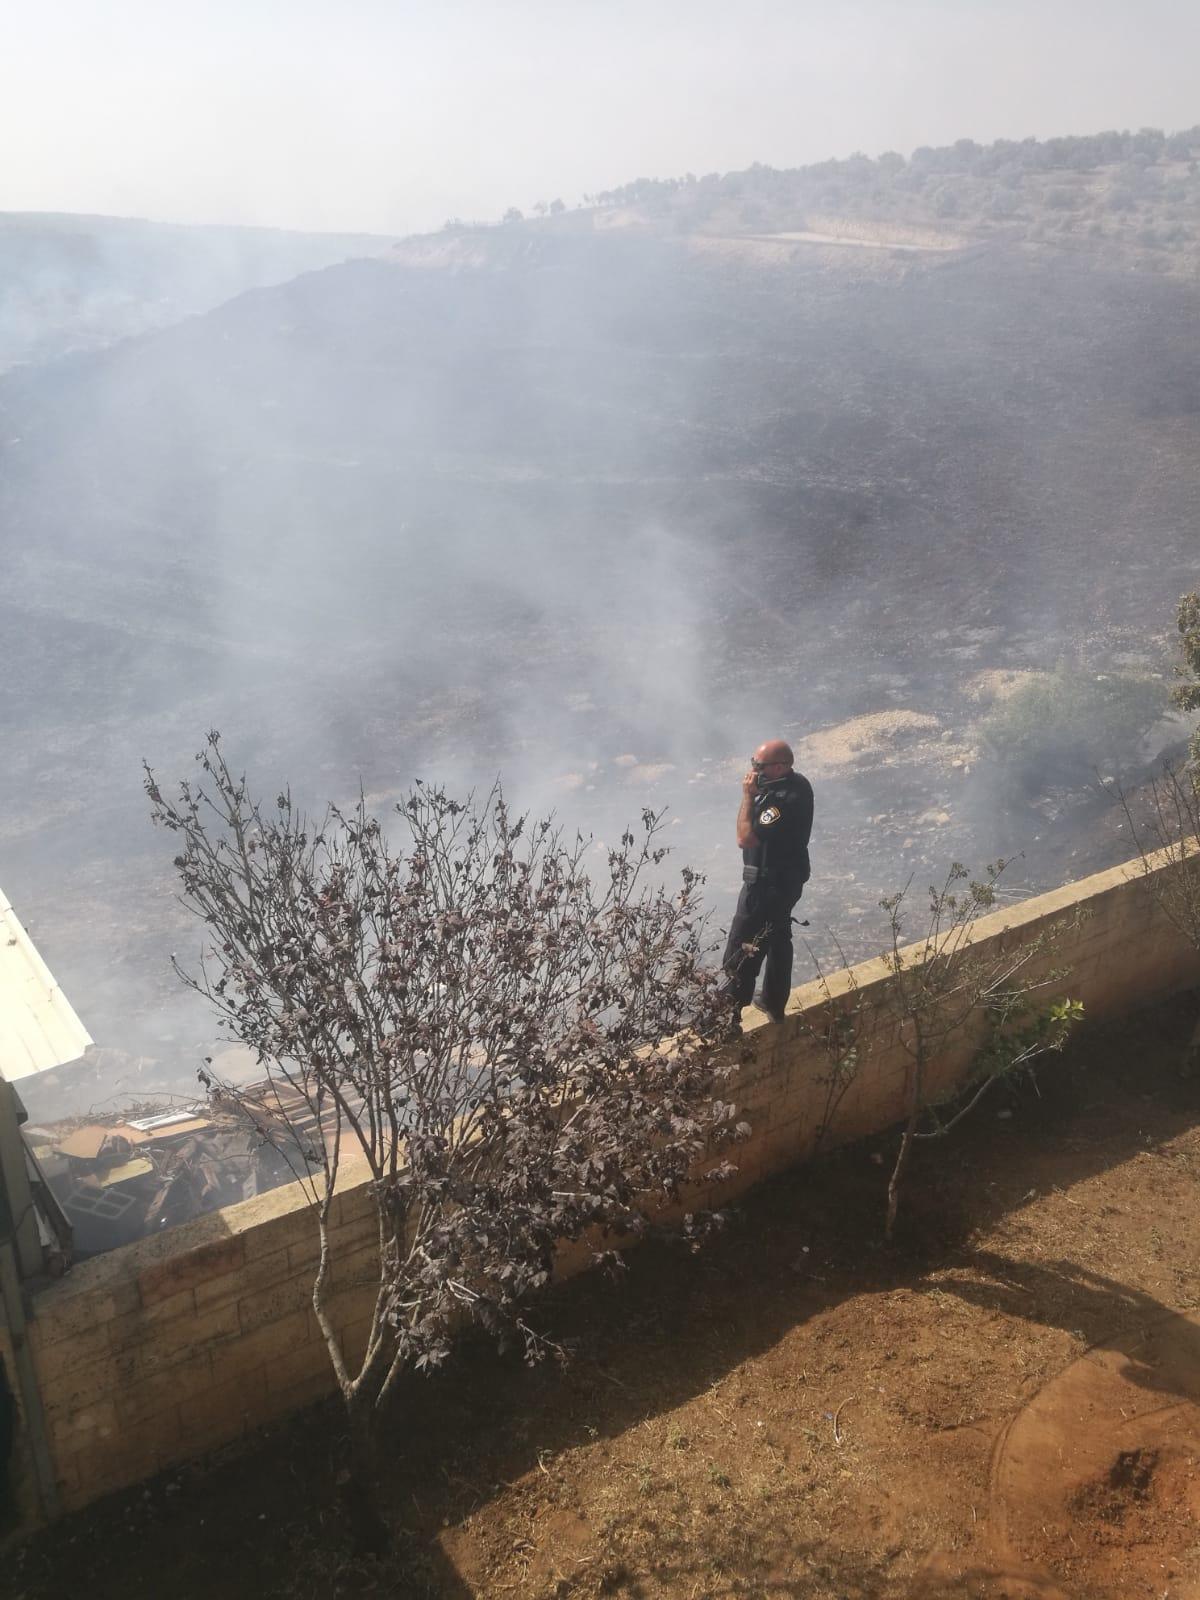 أم الفحم: إخلاء منازل إثر اندلاع حريق